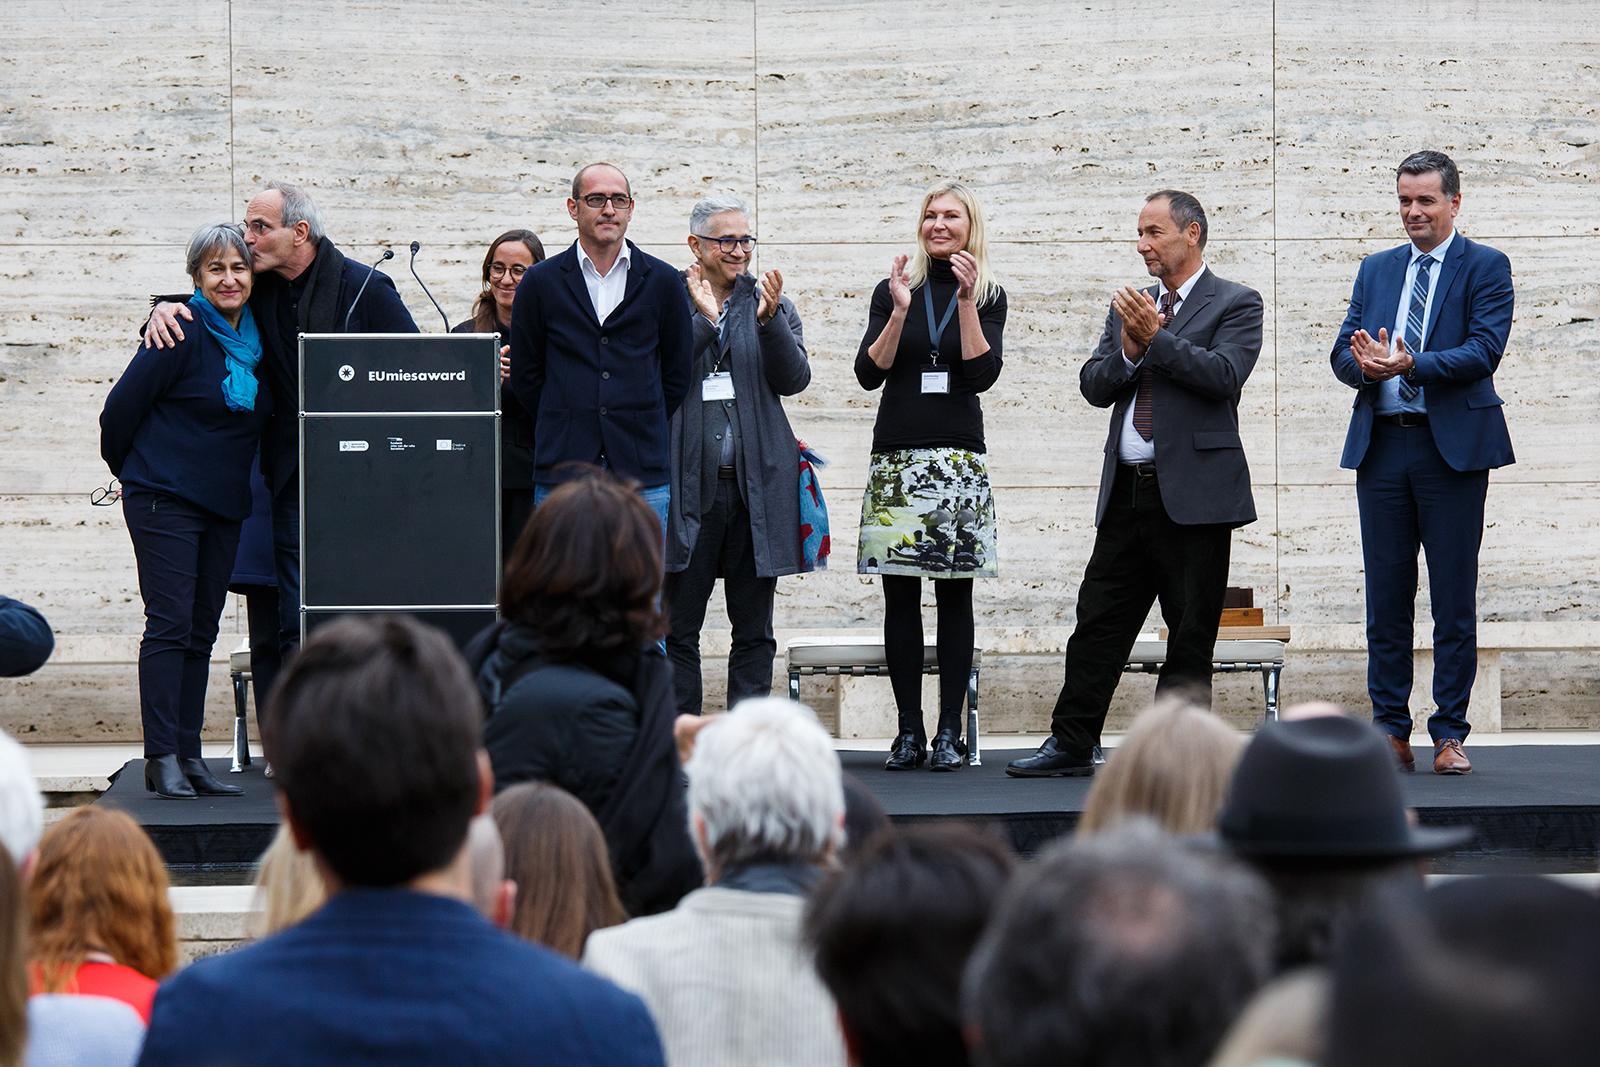 Mies Award 2019 – entrega del Premi a Lacaton & Vassal – Pavelló Mies van der Rohe 2019